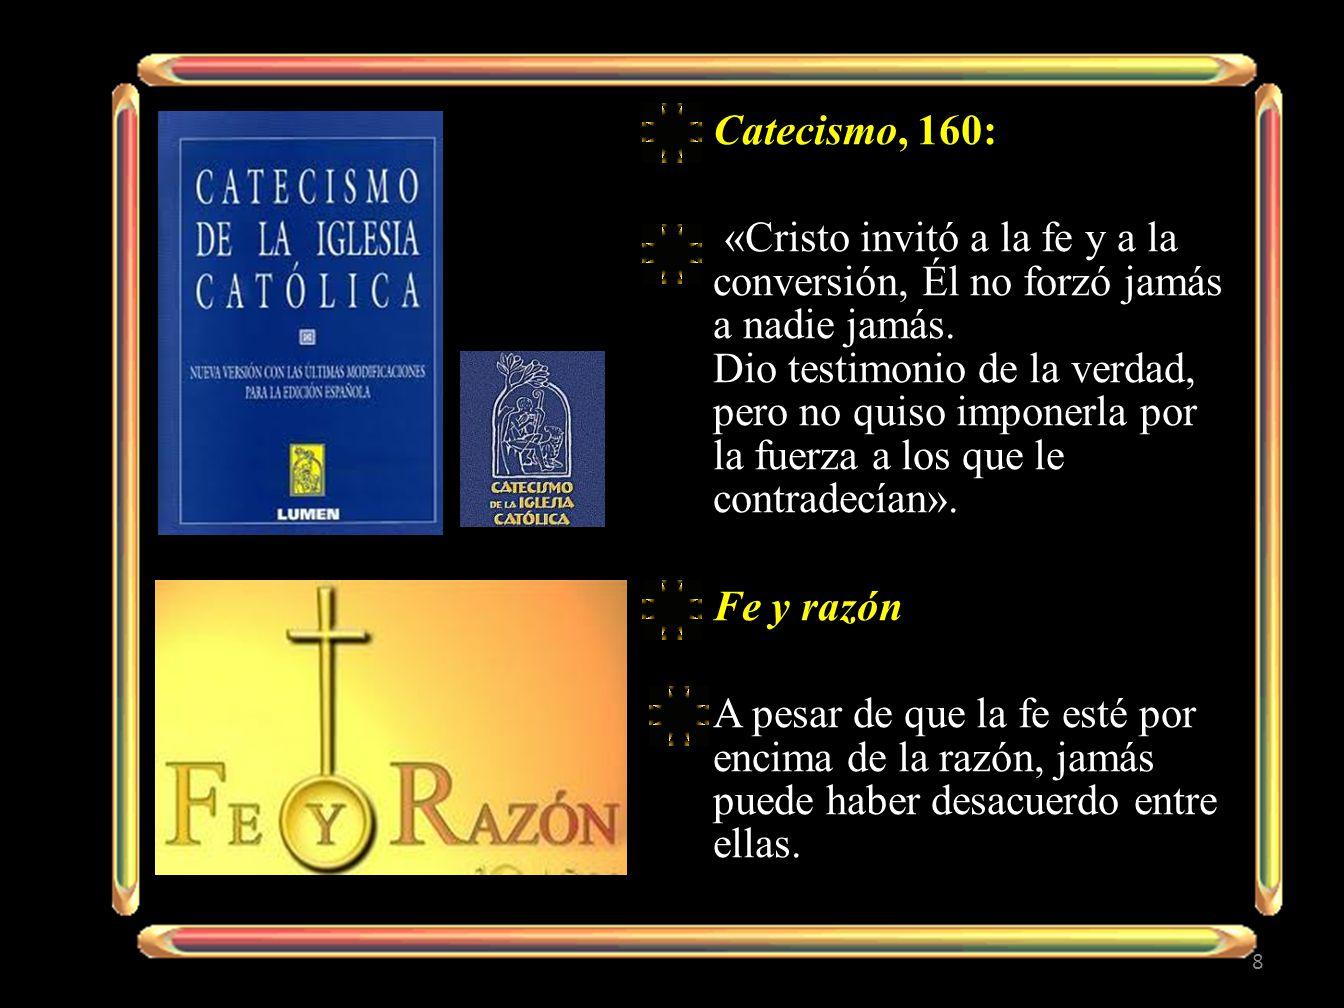 Catecismo, 160: «Cristo invitó a la fe y a la conversión, Él no forzó jamás a nadie jamás. Dio testimonio de la verdad, pero no quiso imponerla por la